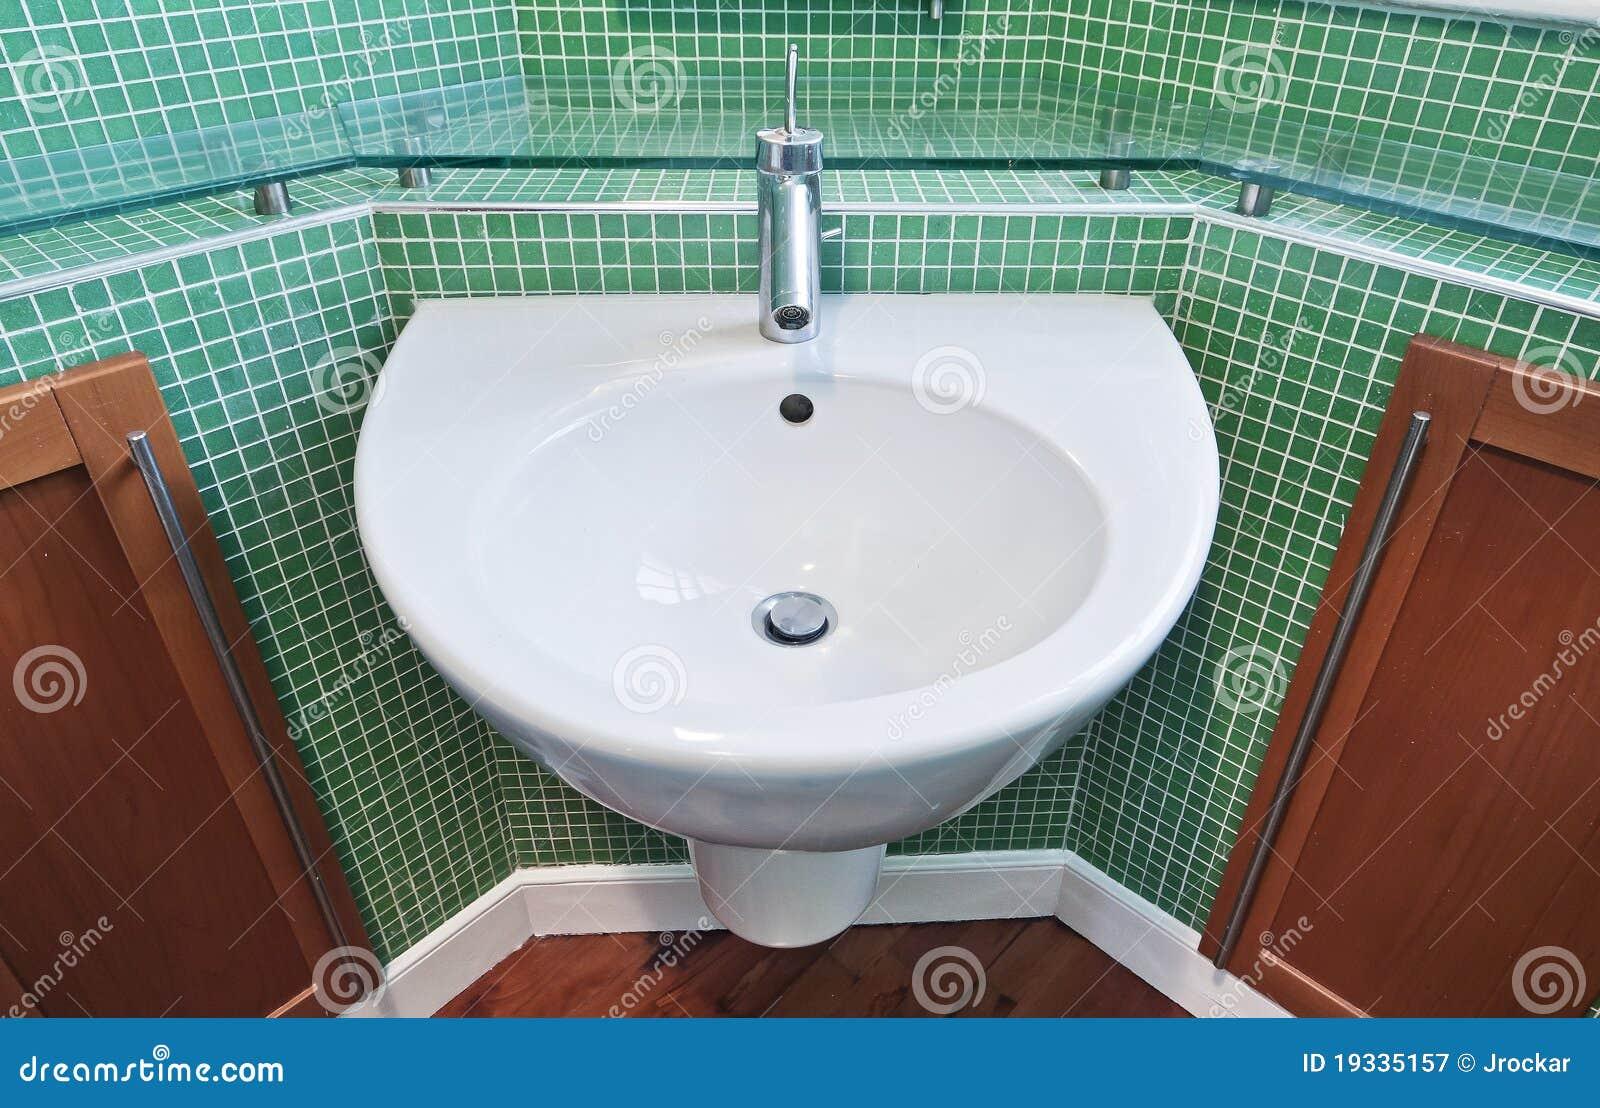 Stanza da bagno con le mattonelle di mosaico verdi - Mattonelle mosaico bagno ...